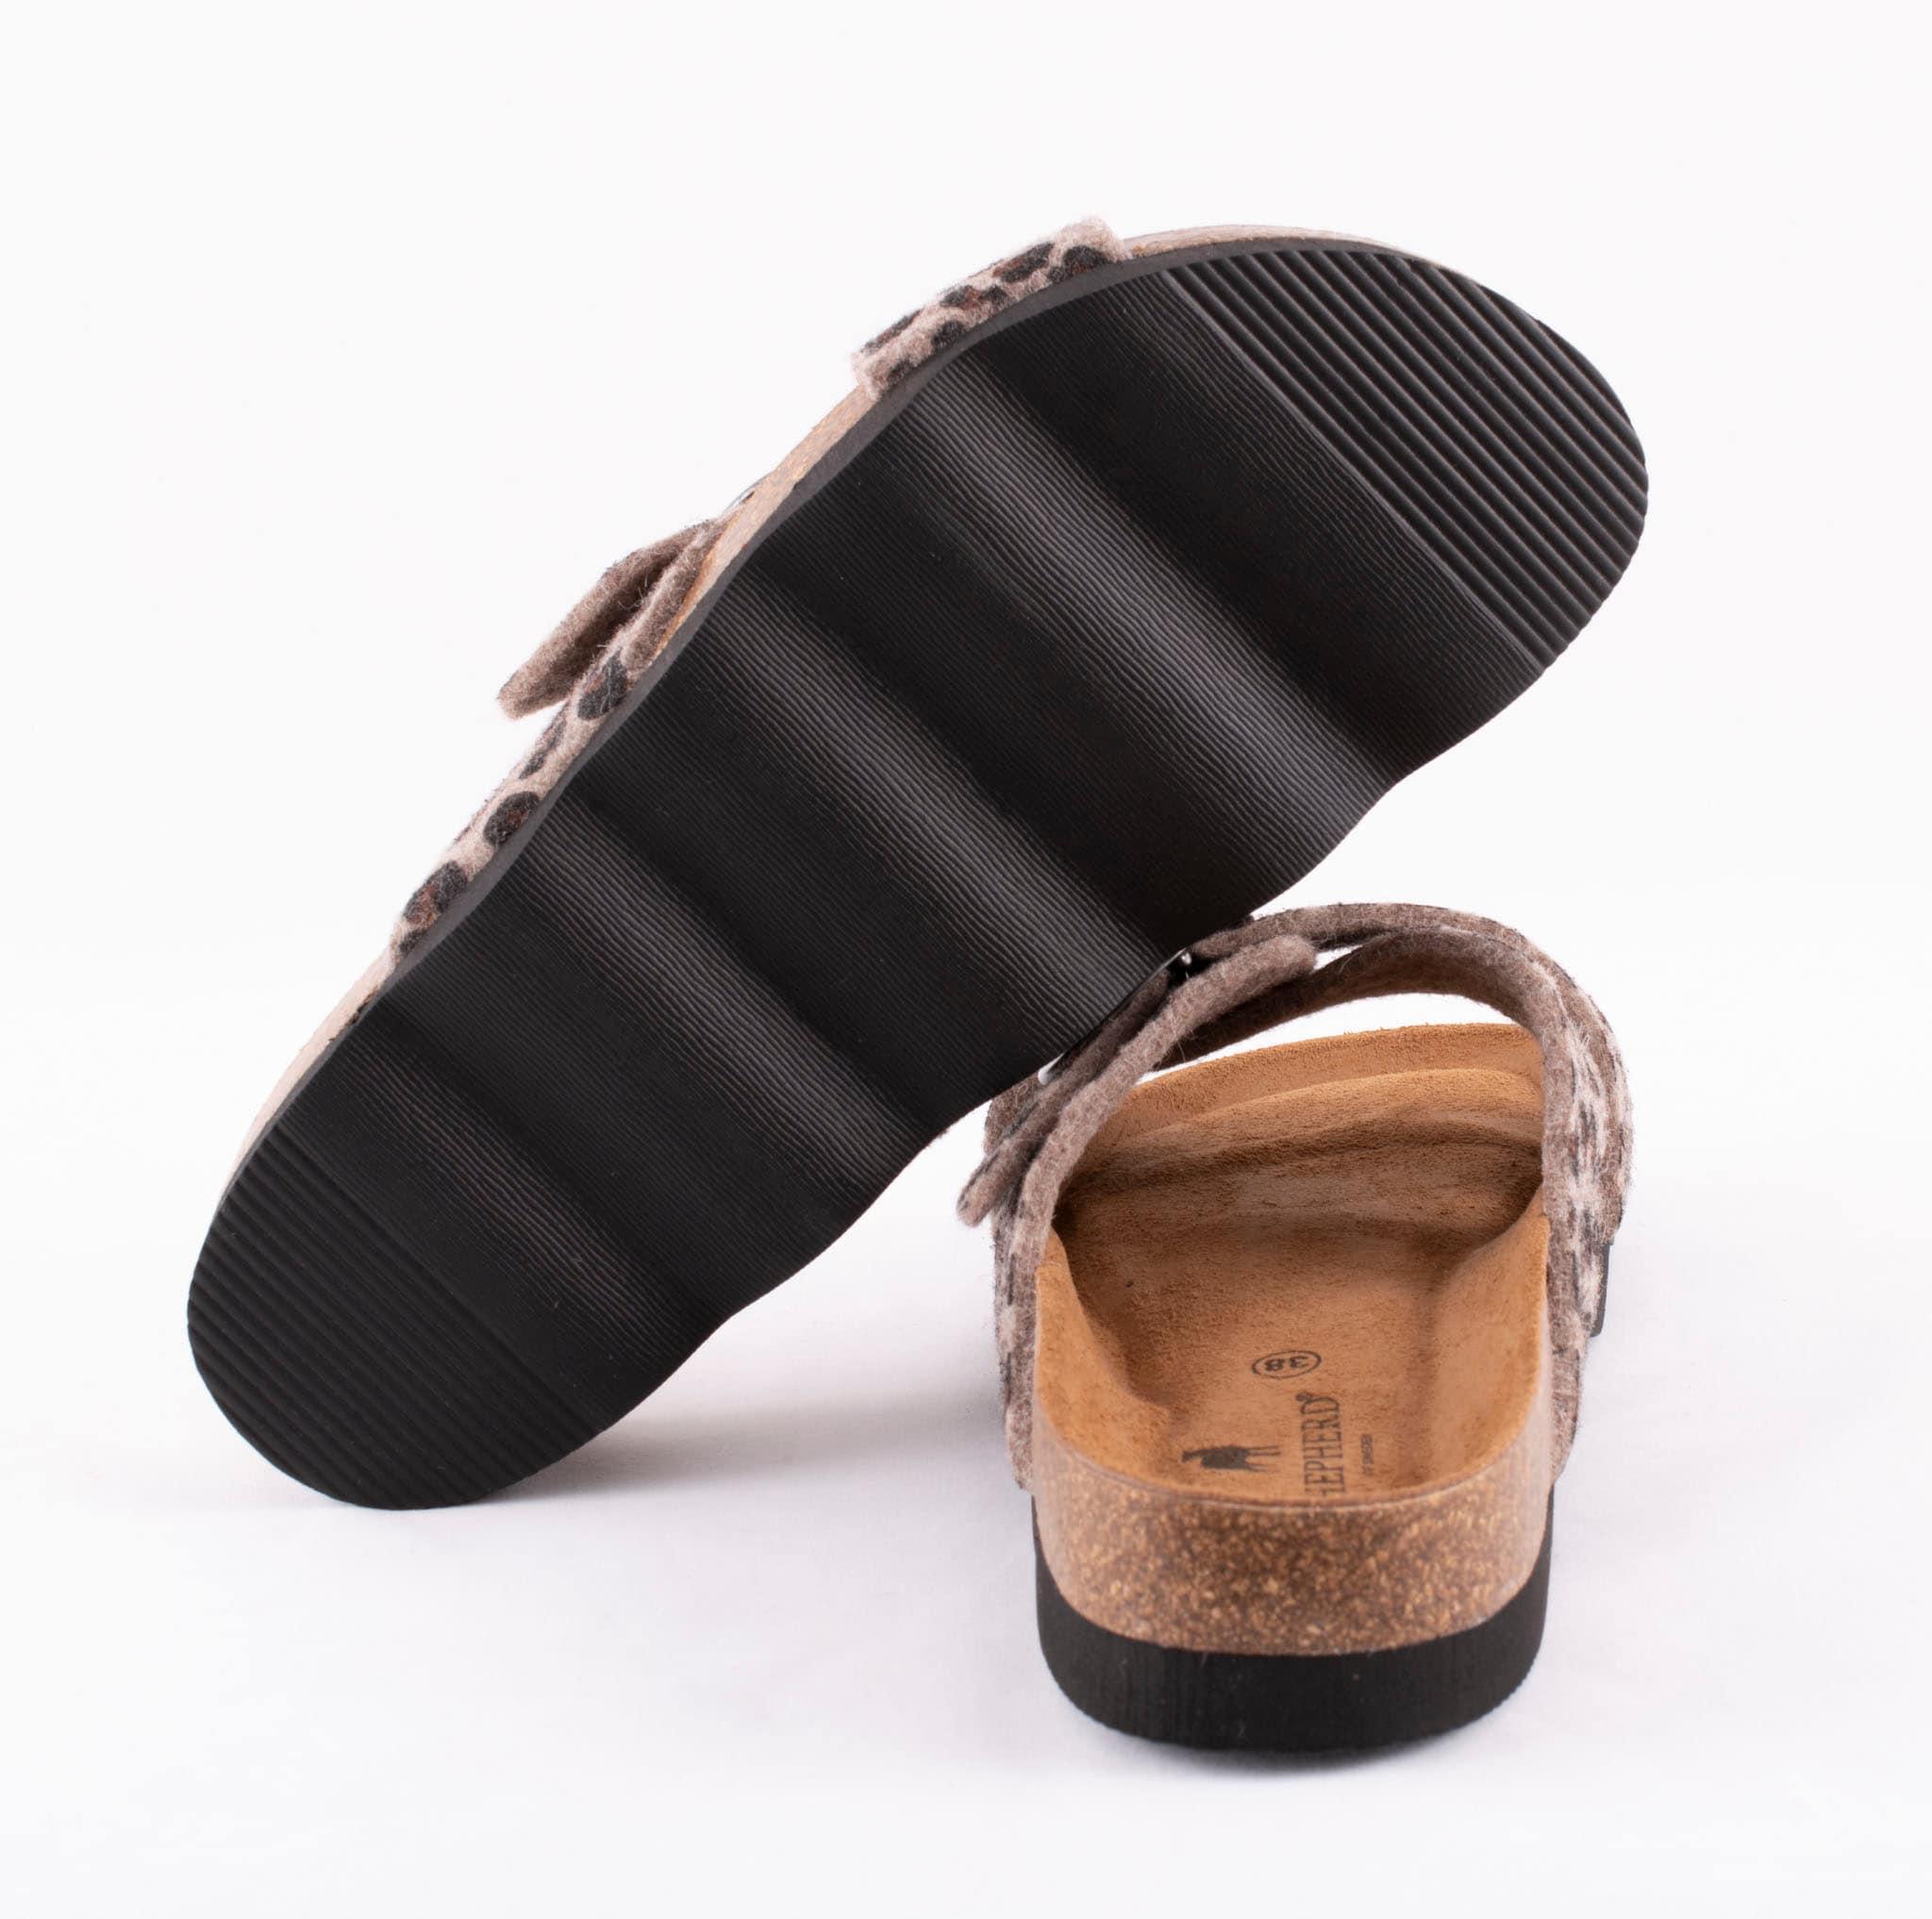 Marianne sandals